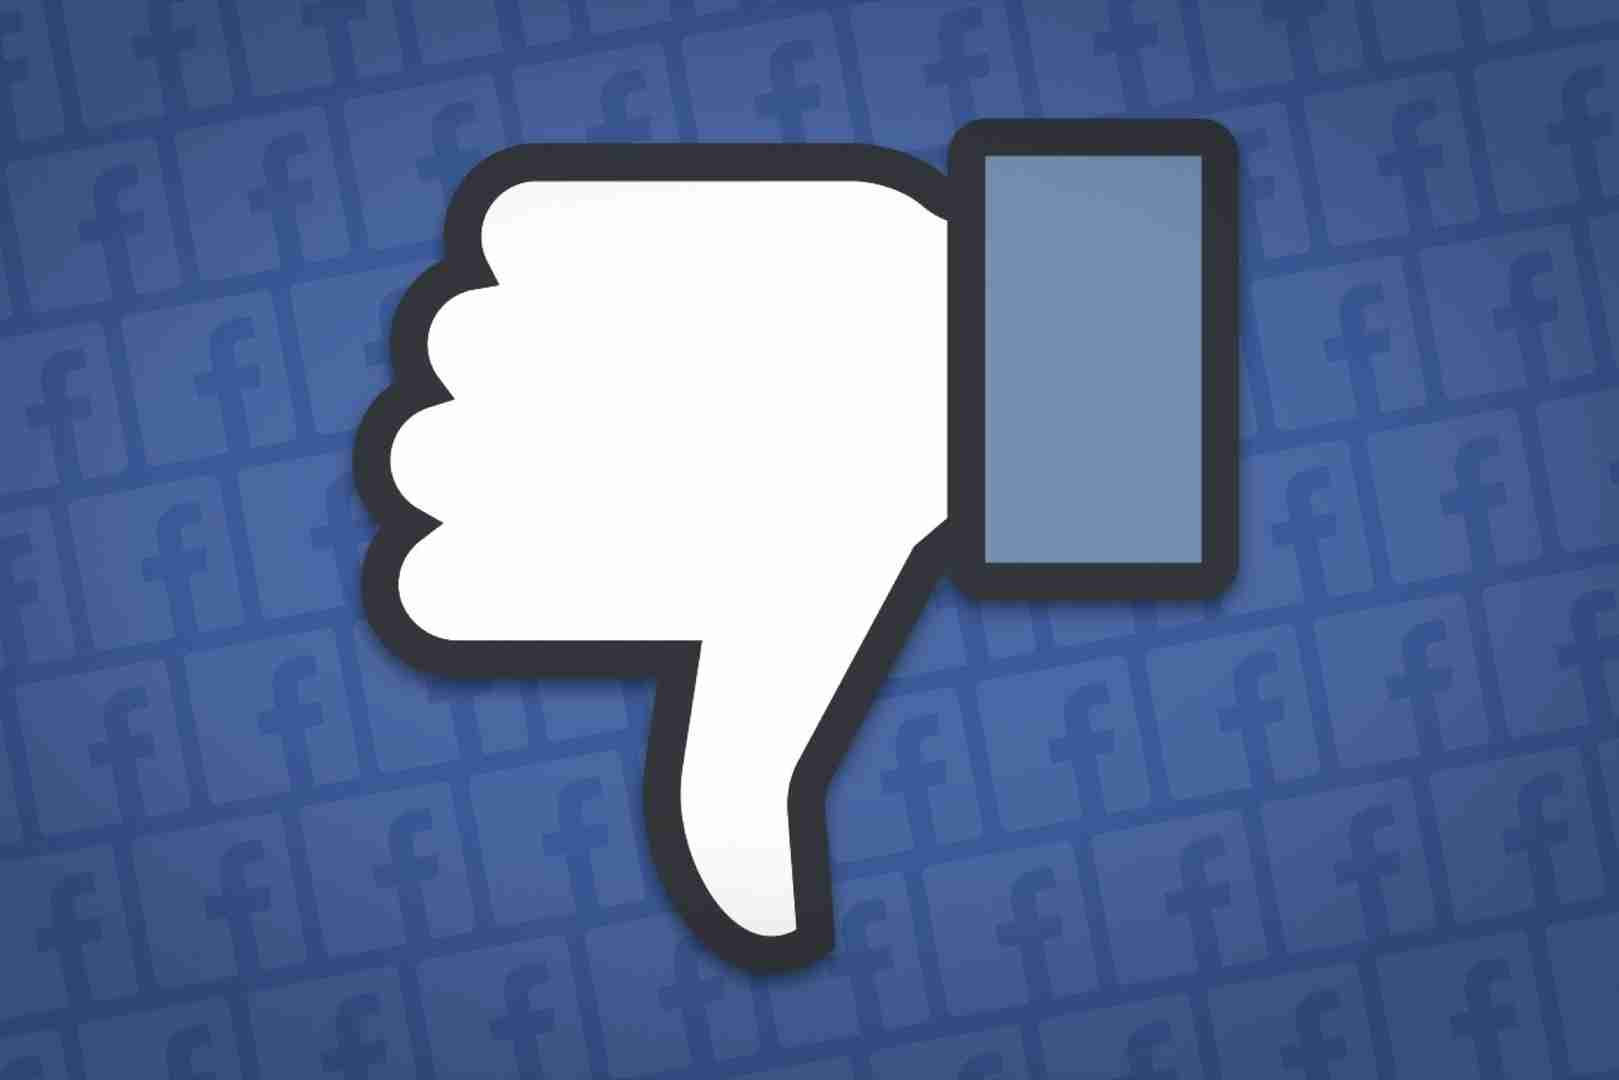 求救,懒鬼! Facebook倒闭了。